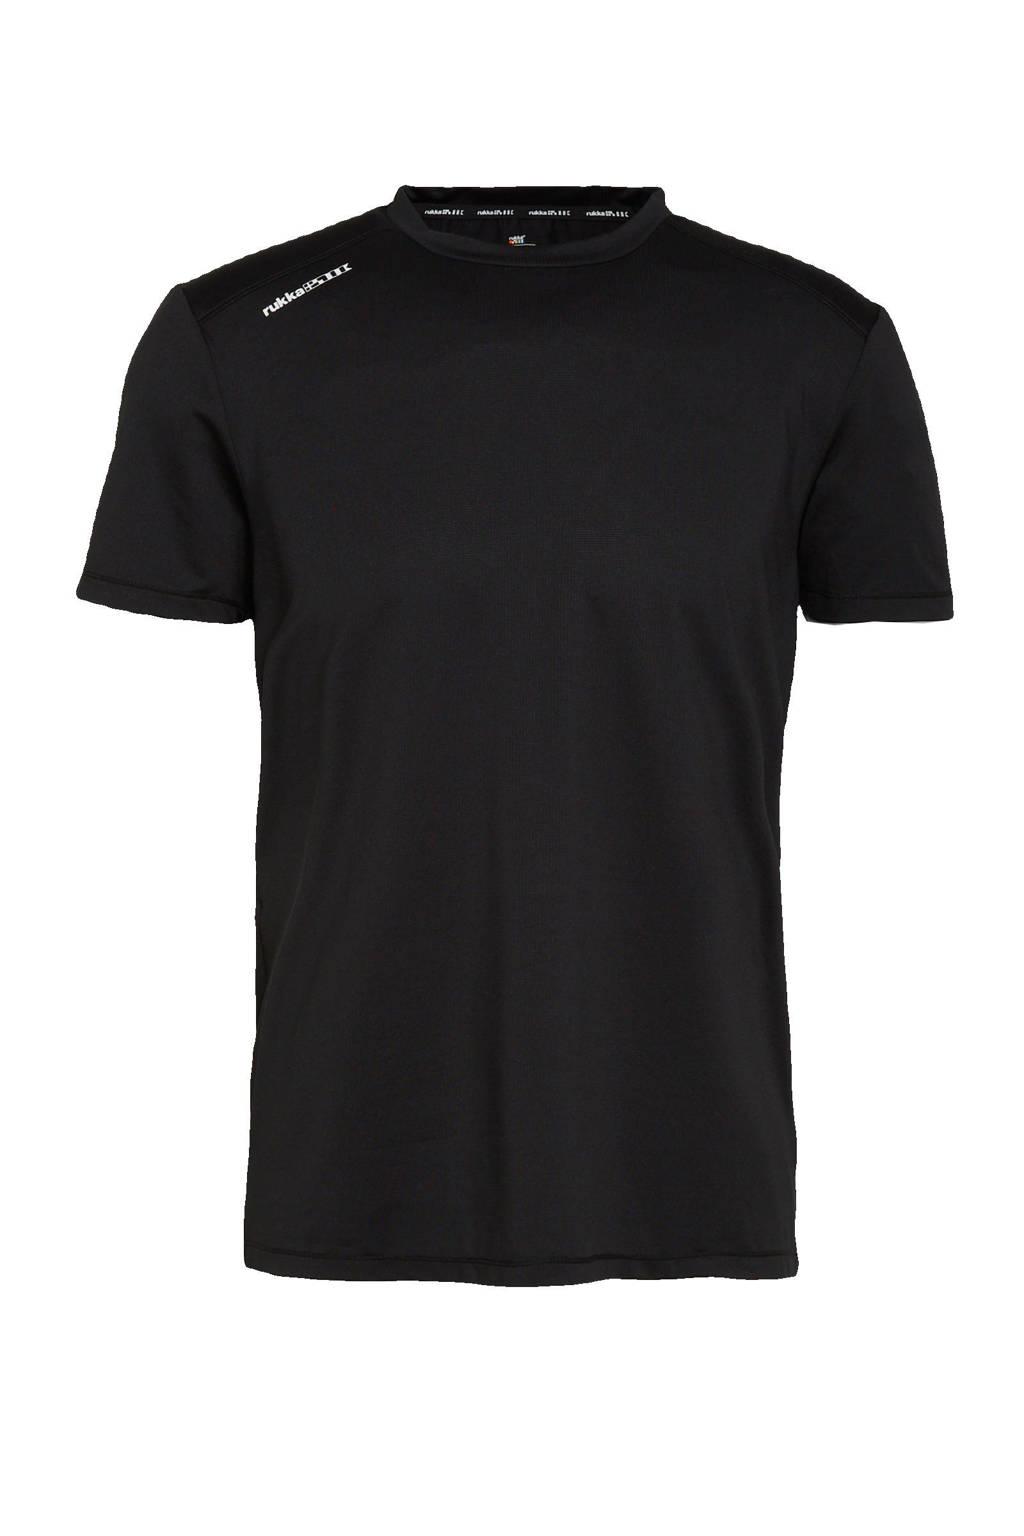 Rukka   hardloop T-shirt zwart, Zwart